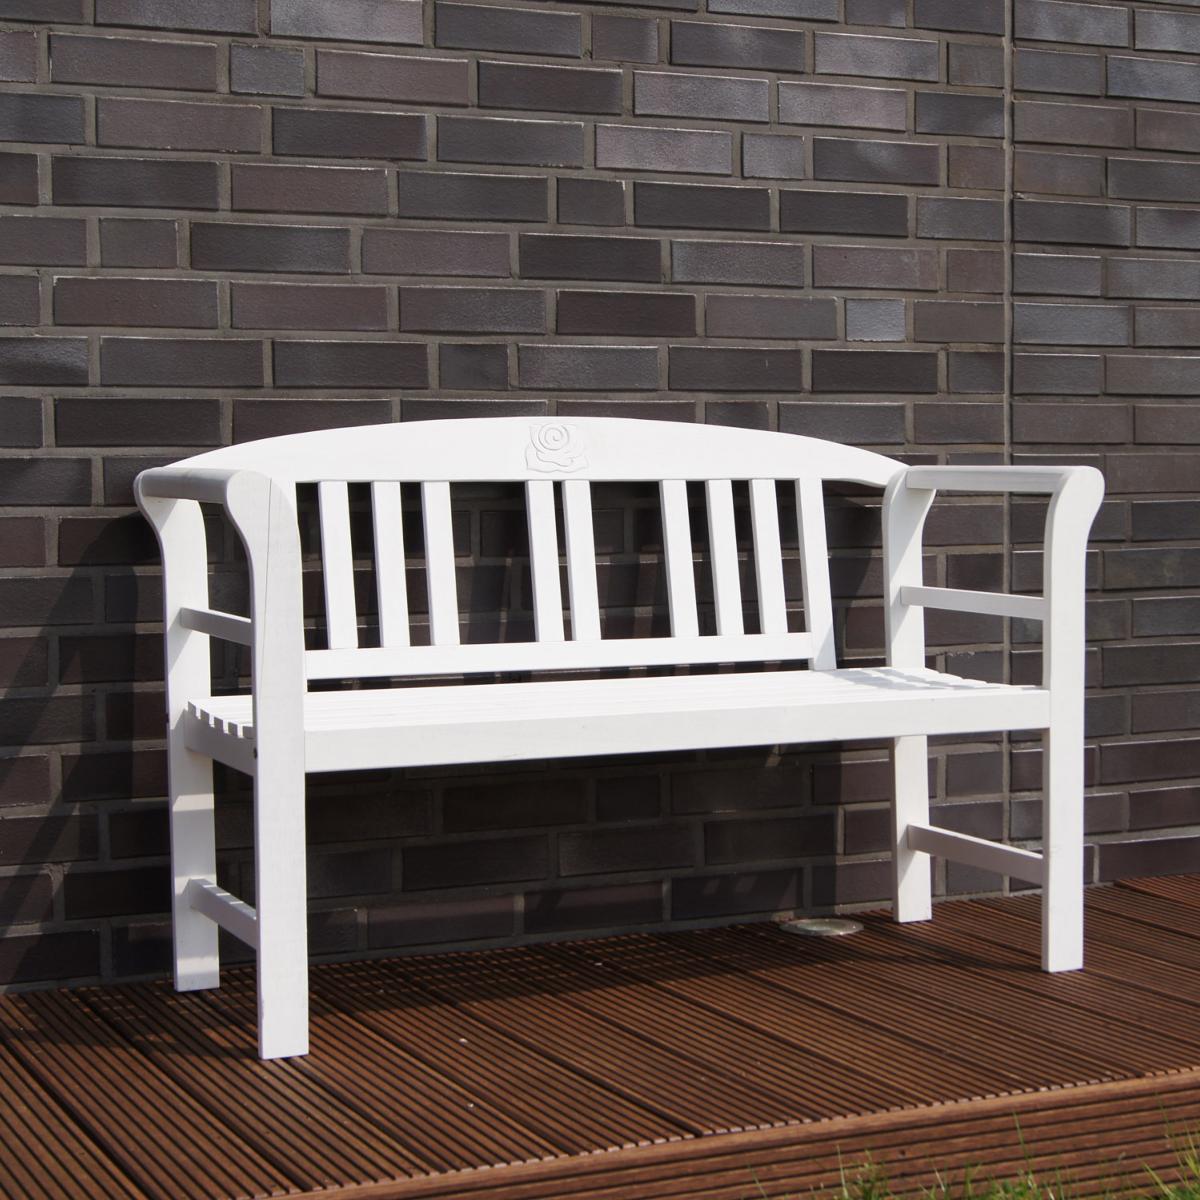 banc de jardin design bois exotique blanc 2 personnes